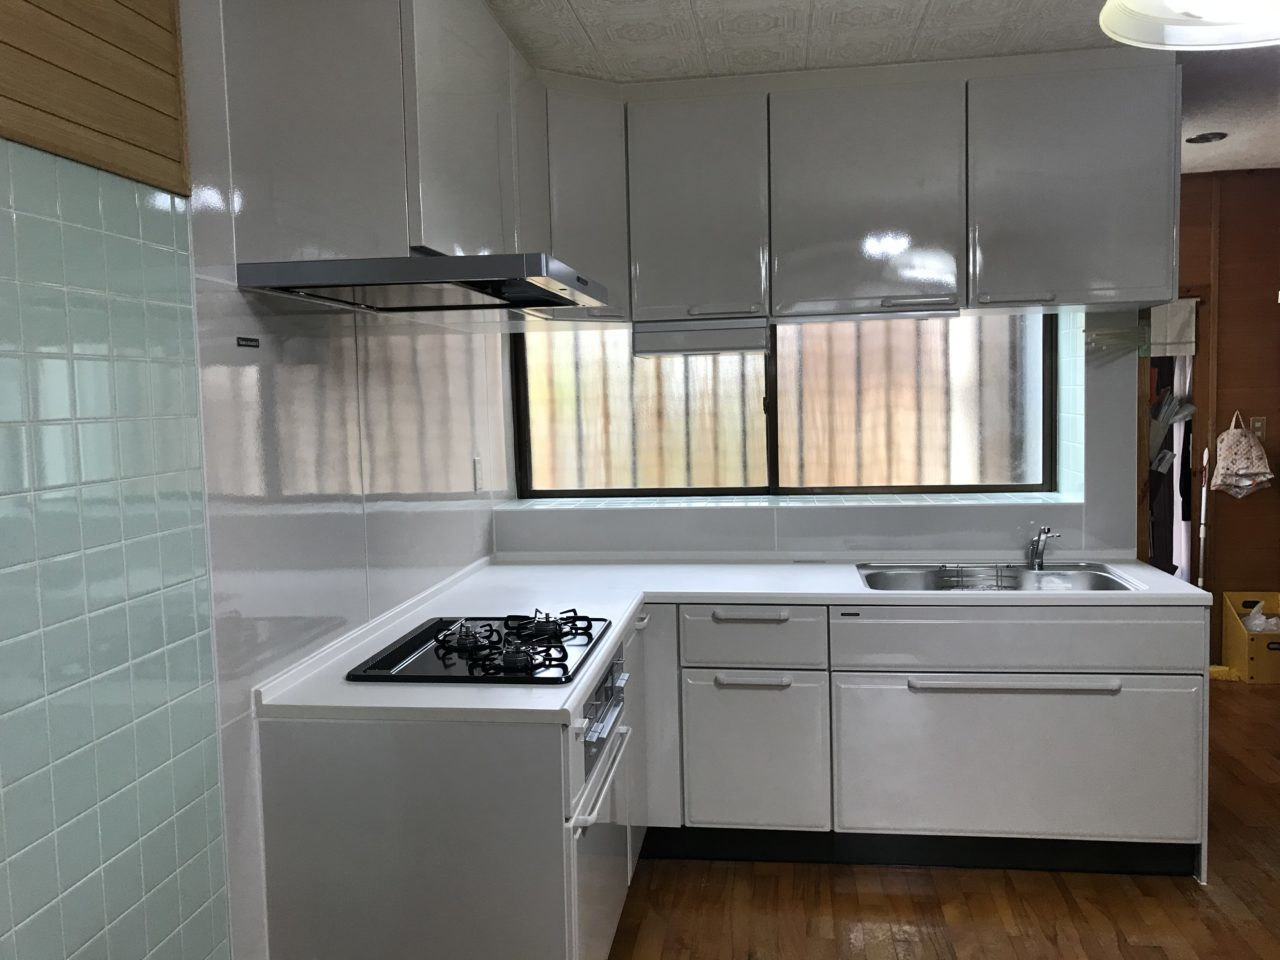 沖縄 リフォーム リノベーション L字型キッチンの取替えリフォーム